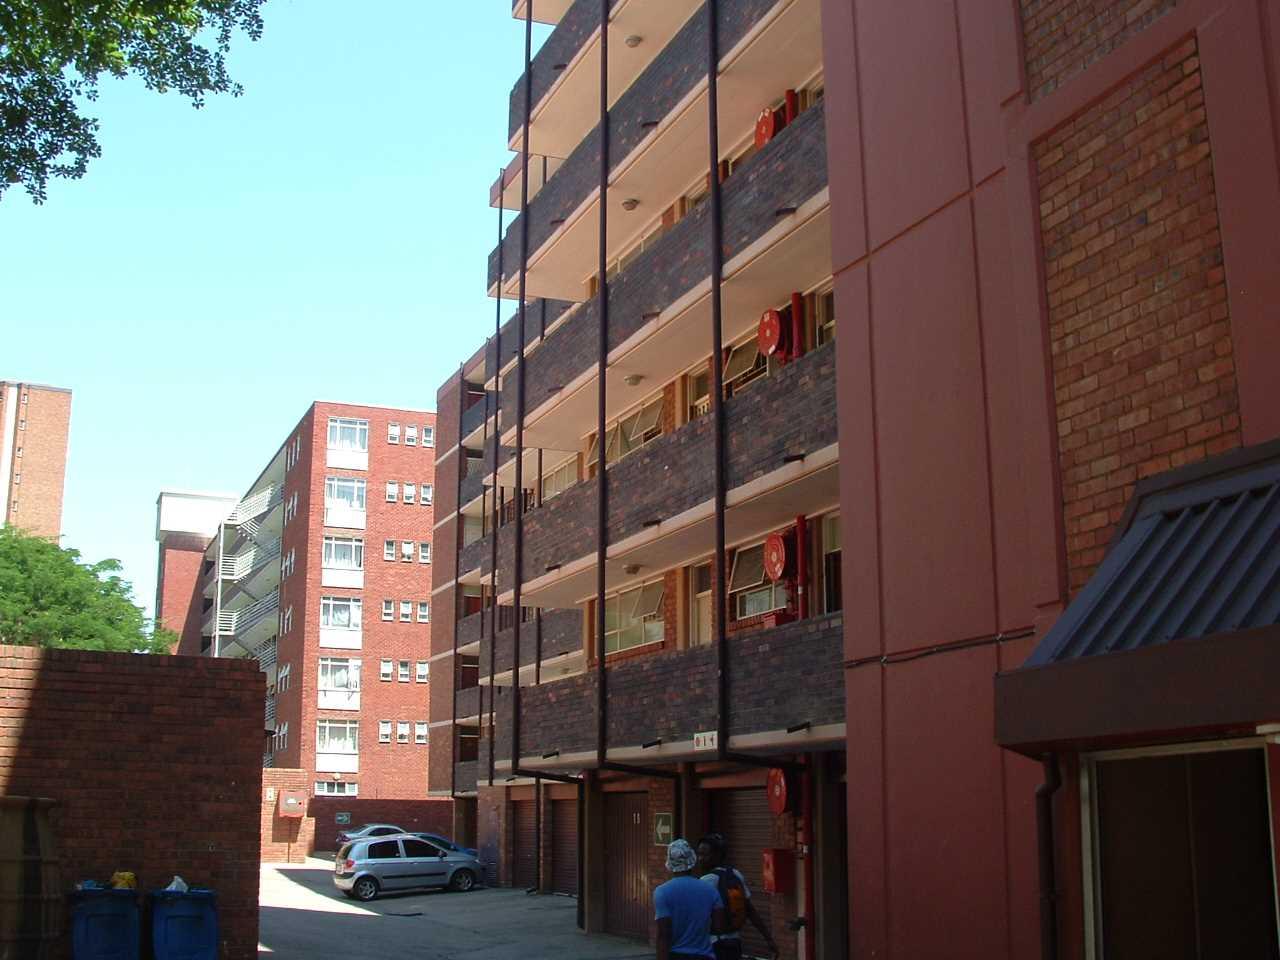 High rise units